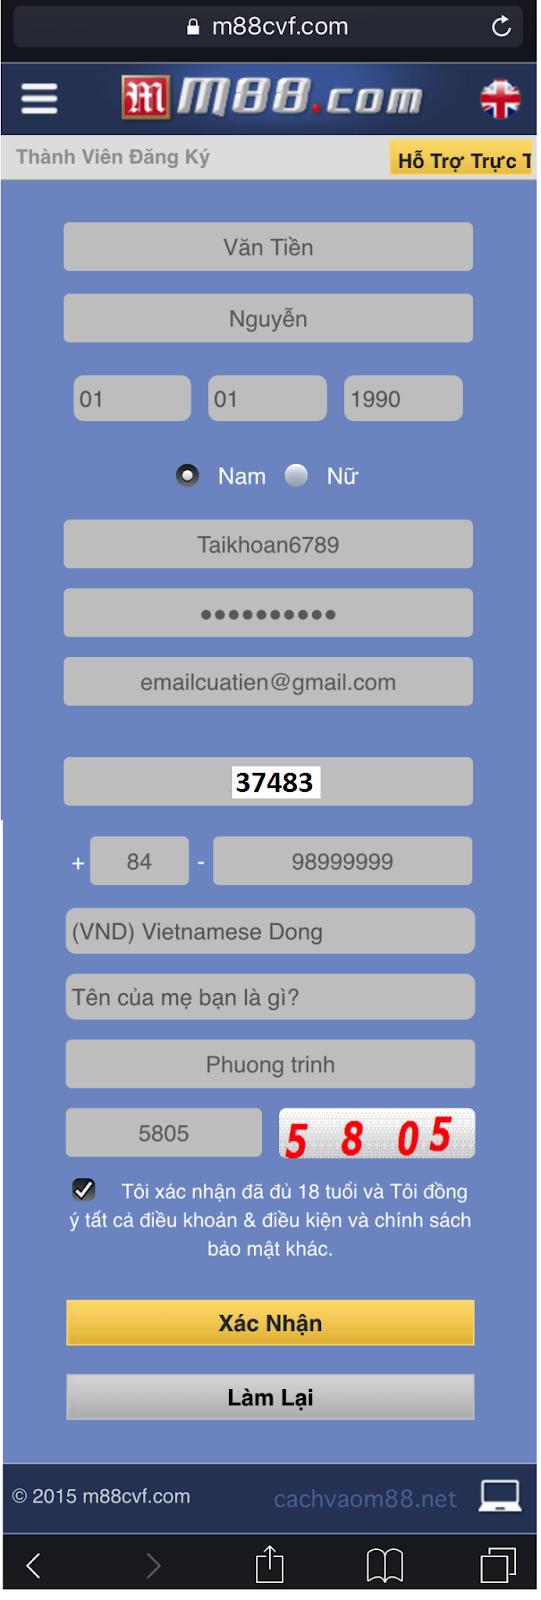 huong dan dang ky m88